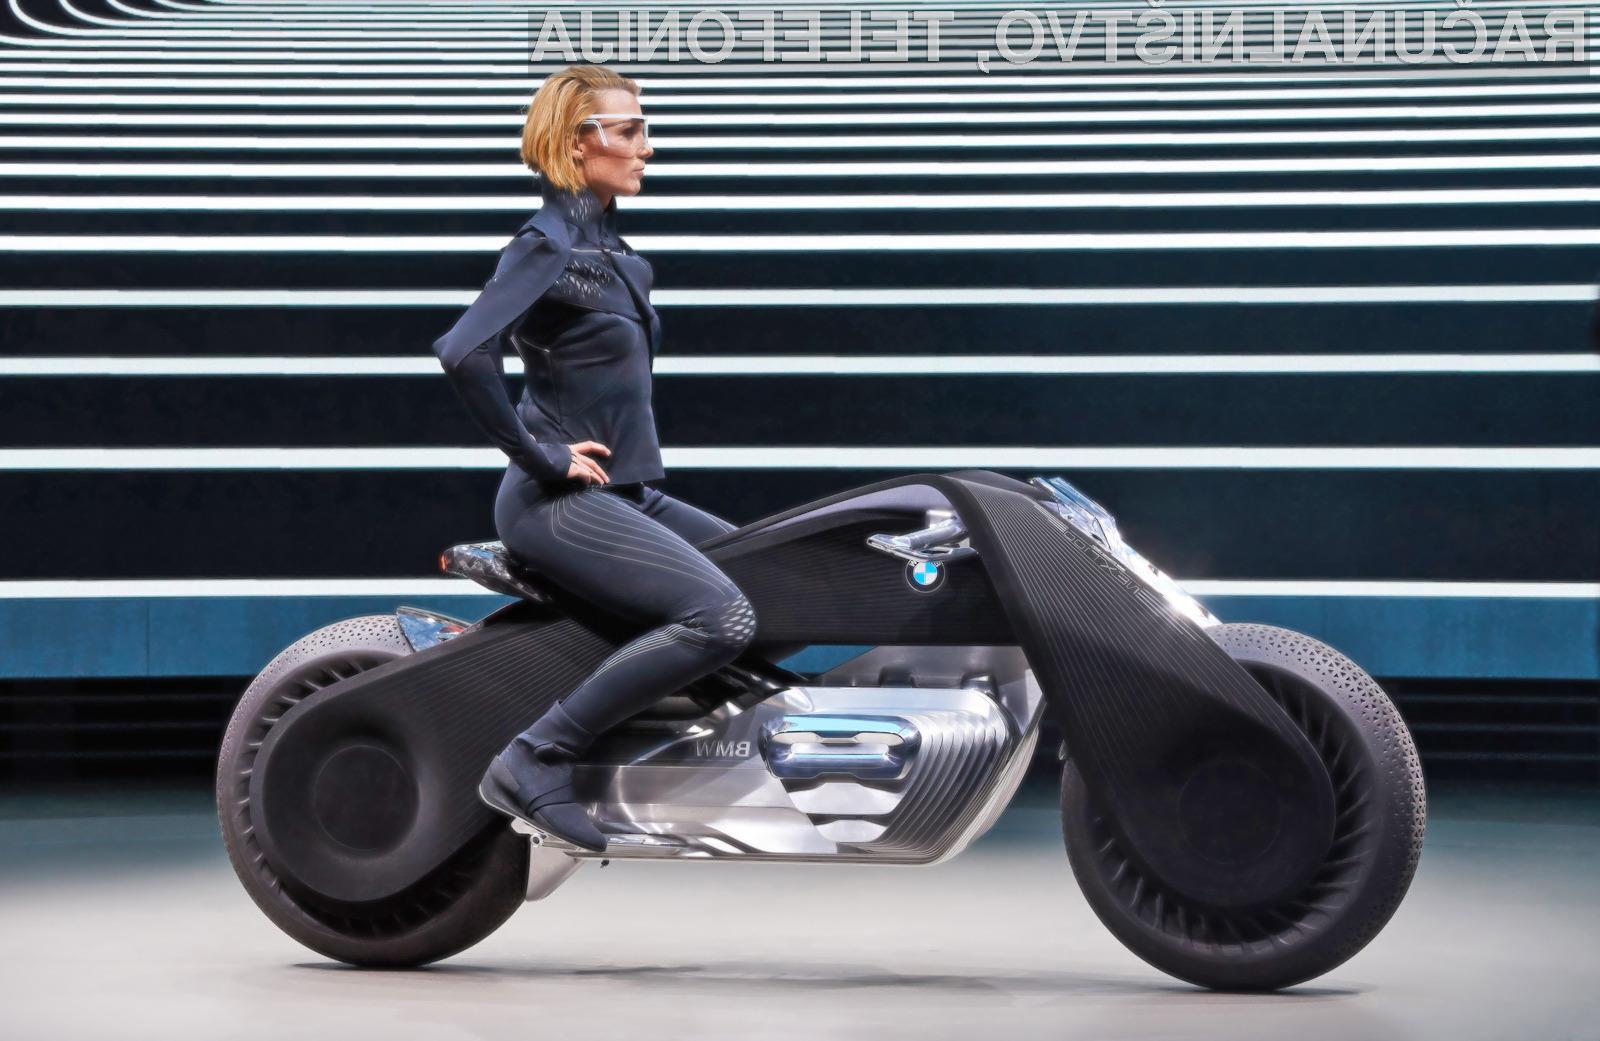 Pametni motor BMW Motorrad Vision Next 100 bo lahko samodejno ohranjal ravnotežje.